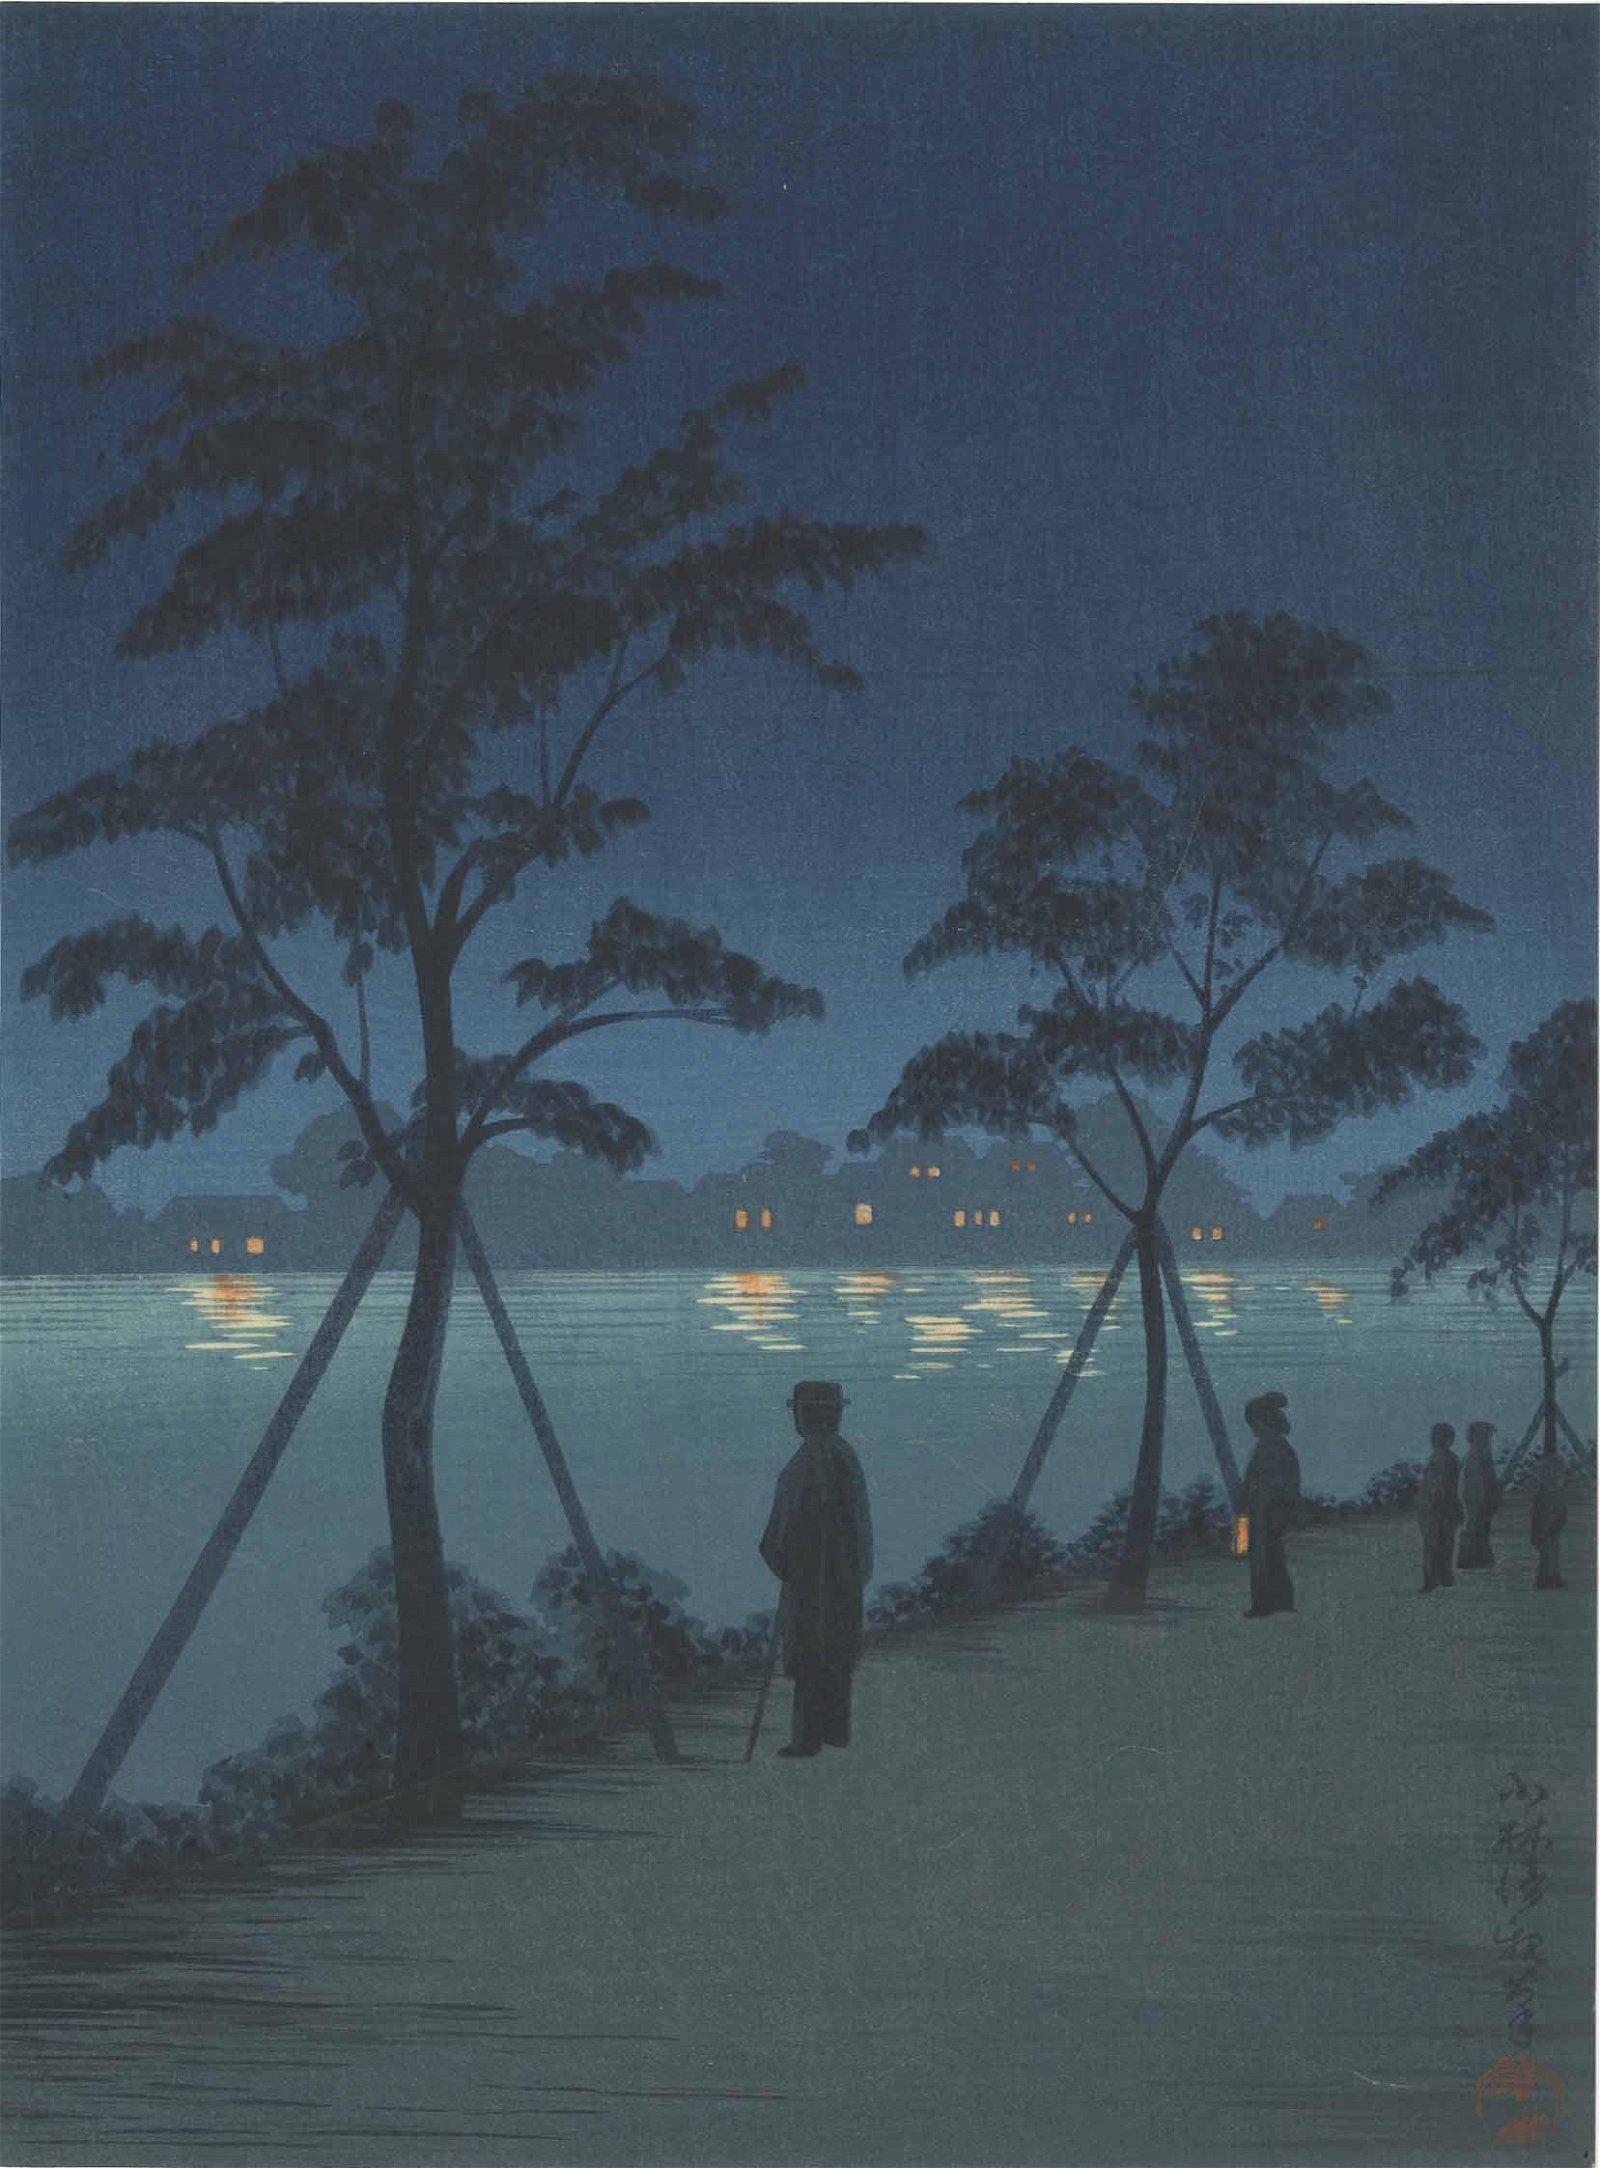 Kiyochika Kobayashi - Night at Sumida River c1920s